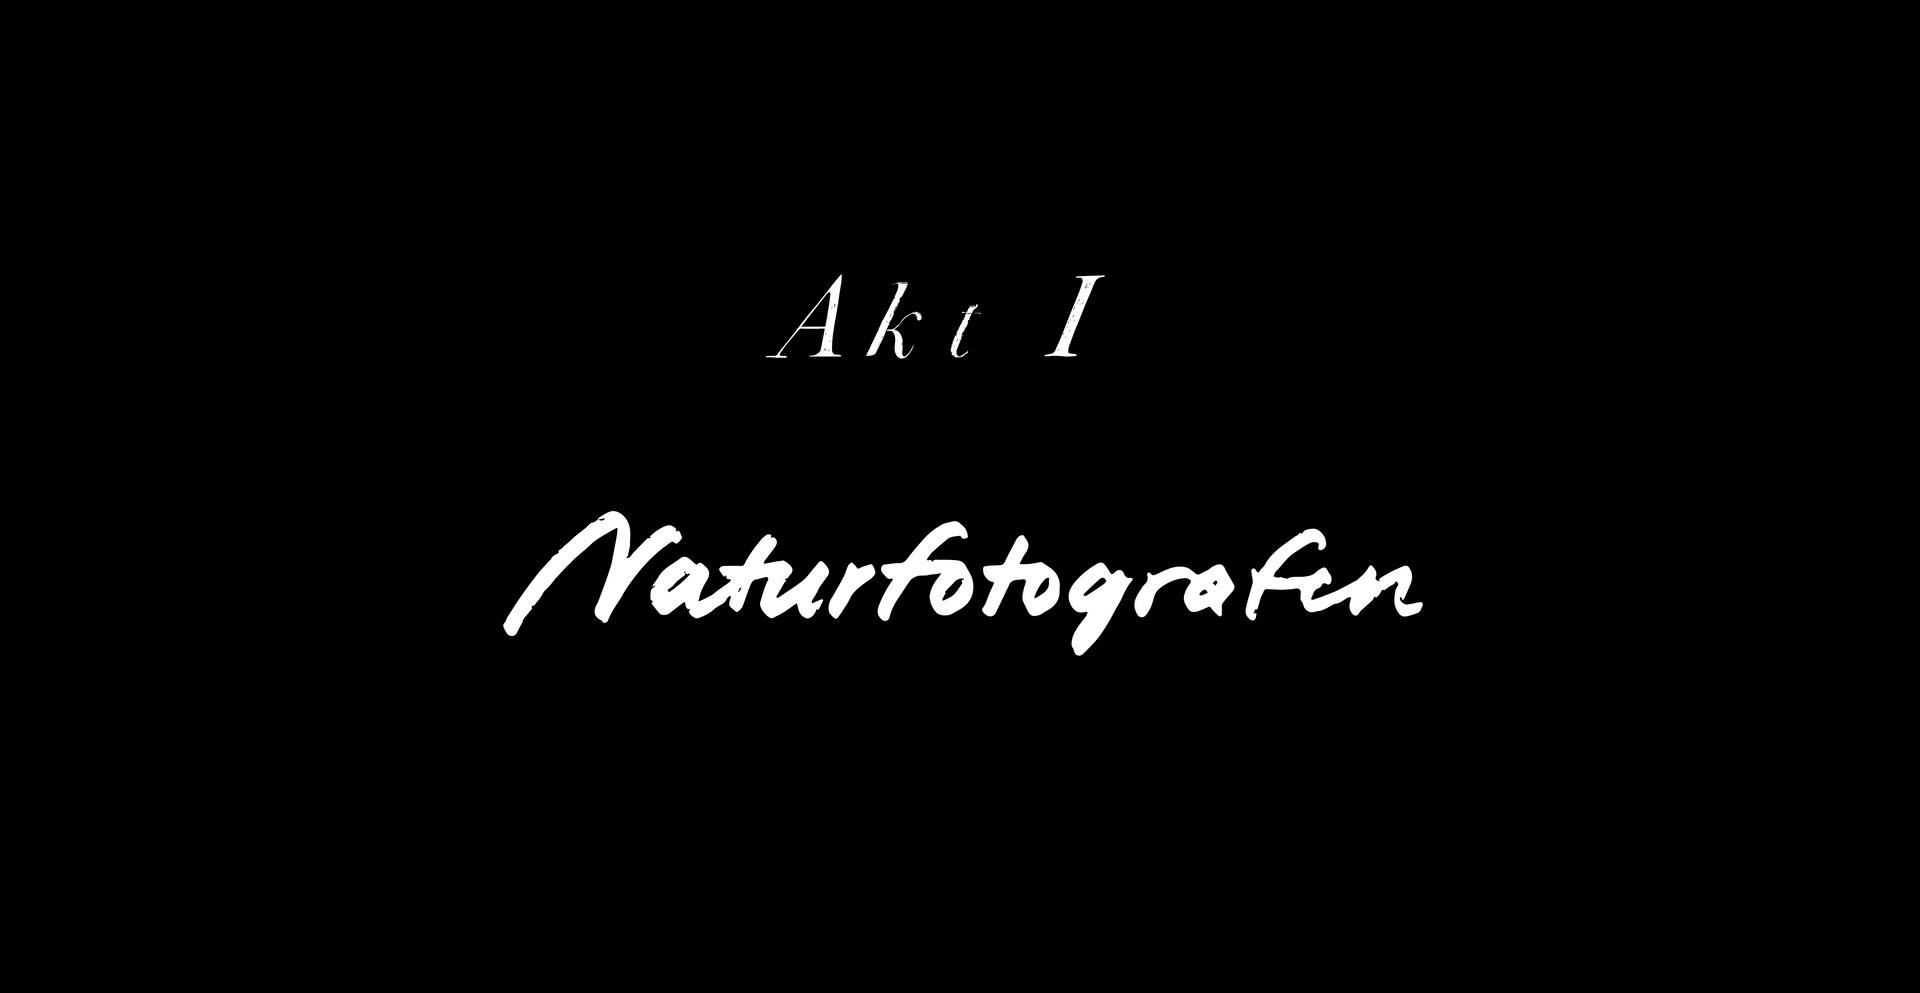 Akt 1 - Naturfotografen.png